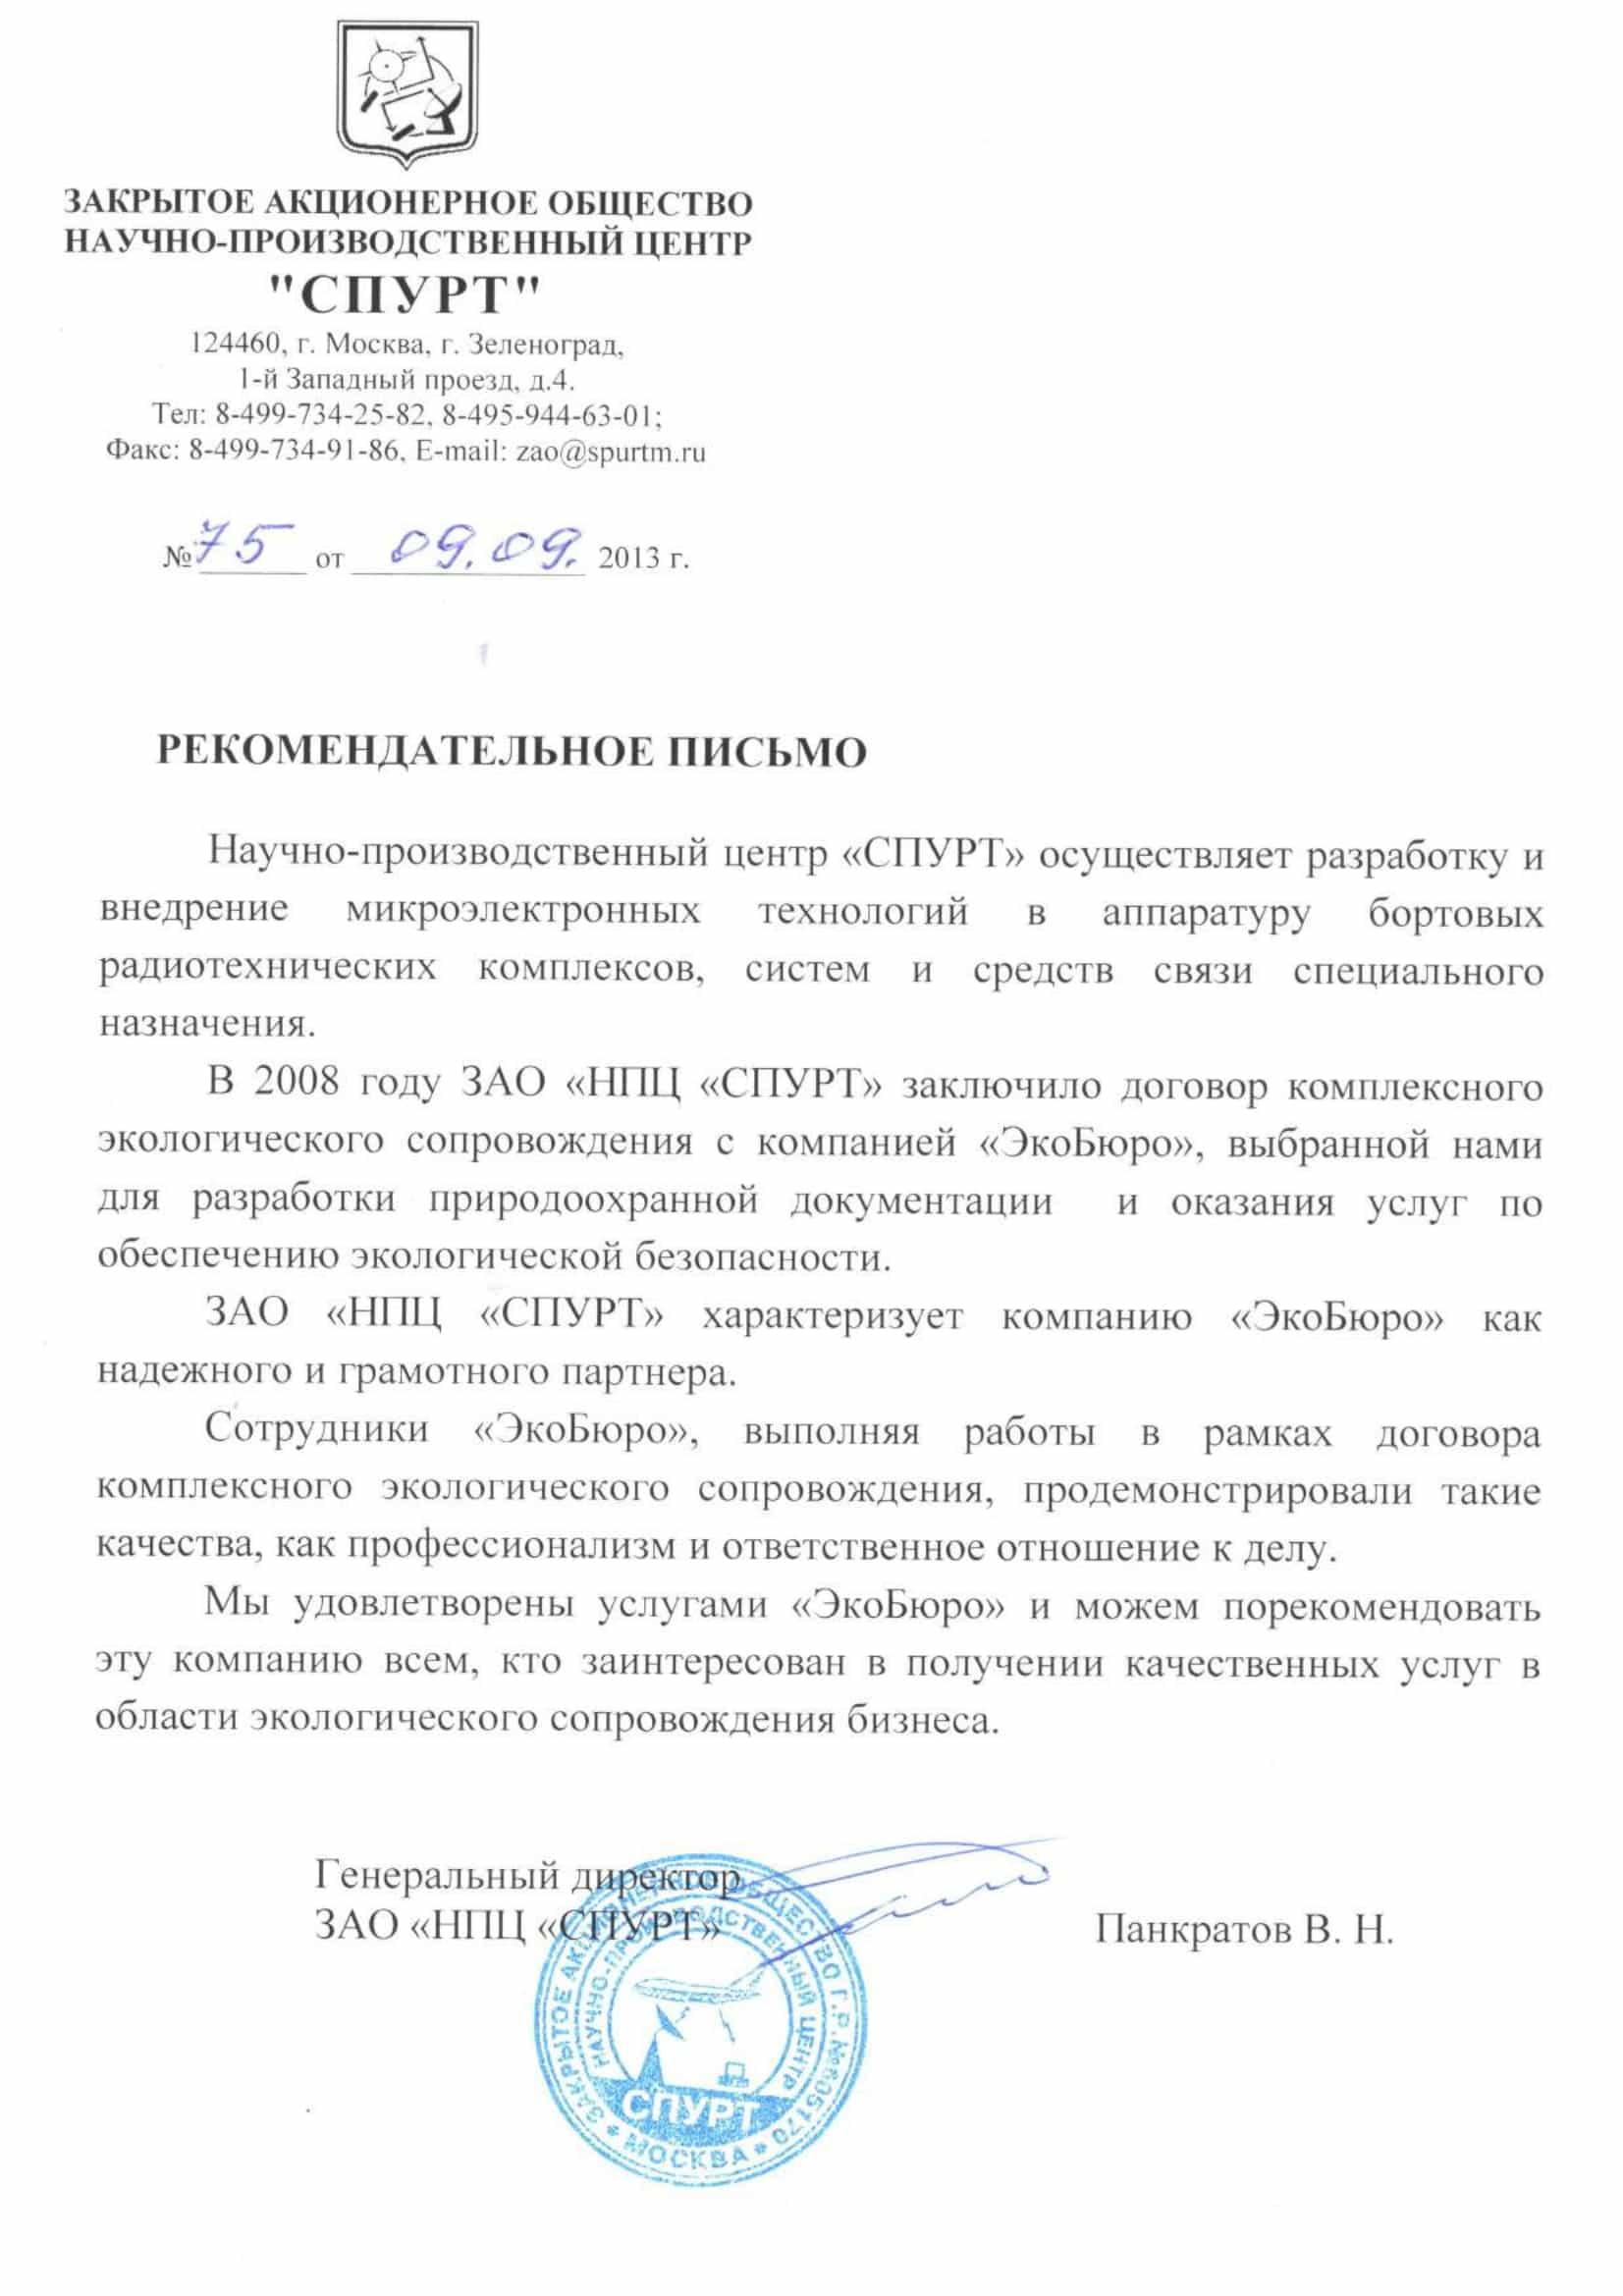 Рекомендательное письмо СПУРТ